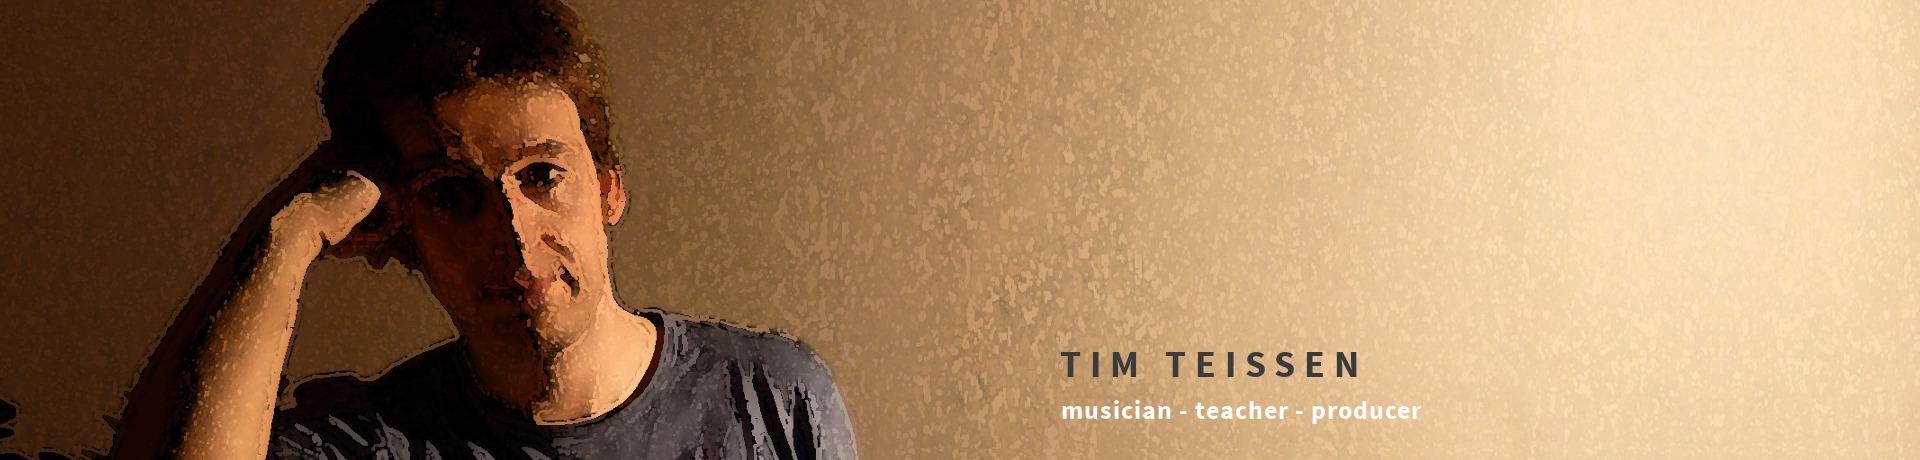 TIM TEISSEN